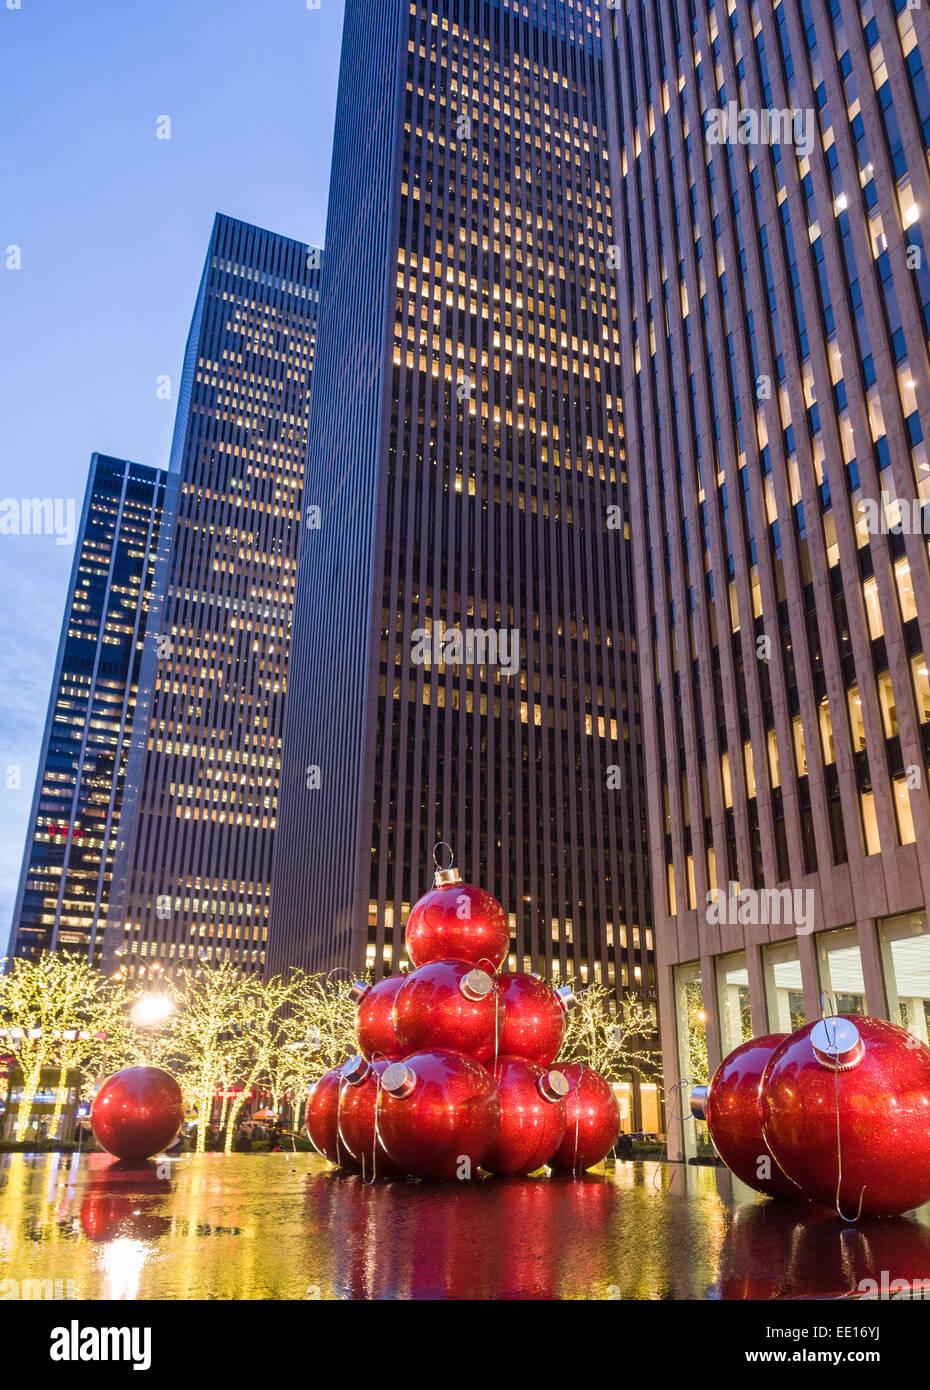 Boules de Noël géant rouge ci-dessous les tours. Voir la soirée de Noël Boules énormes Photo Stock